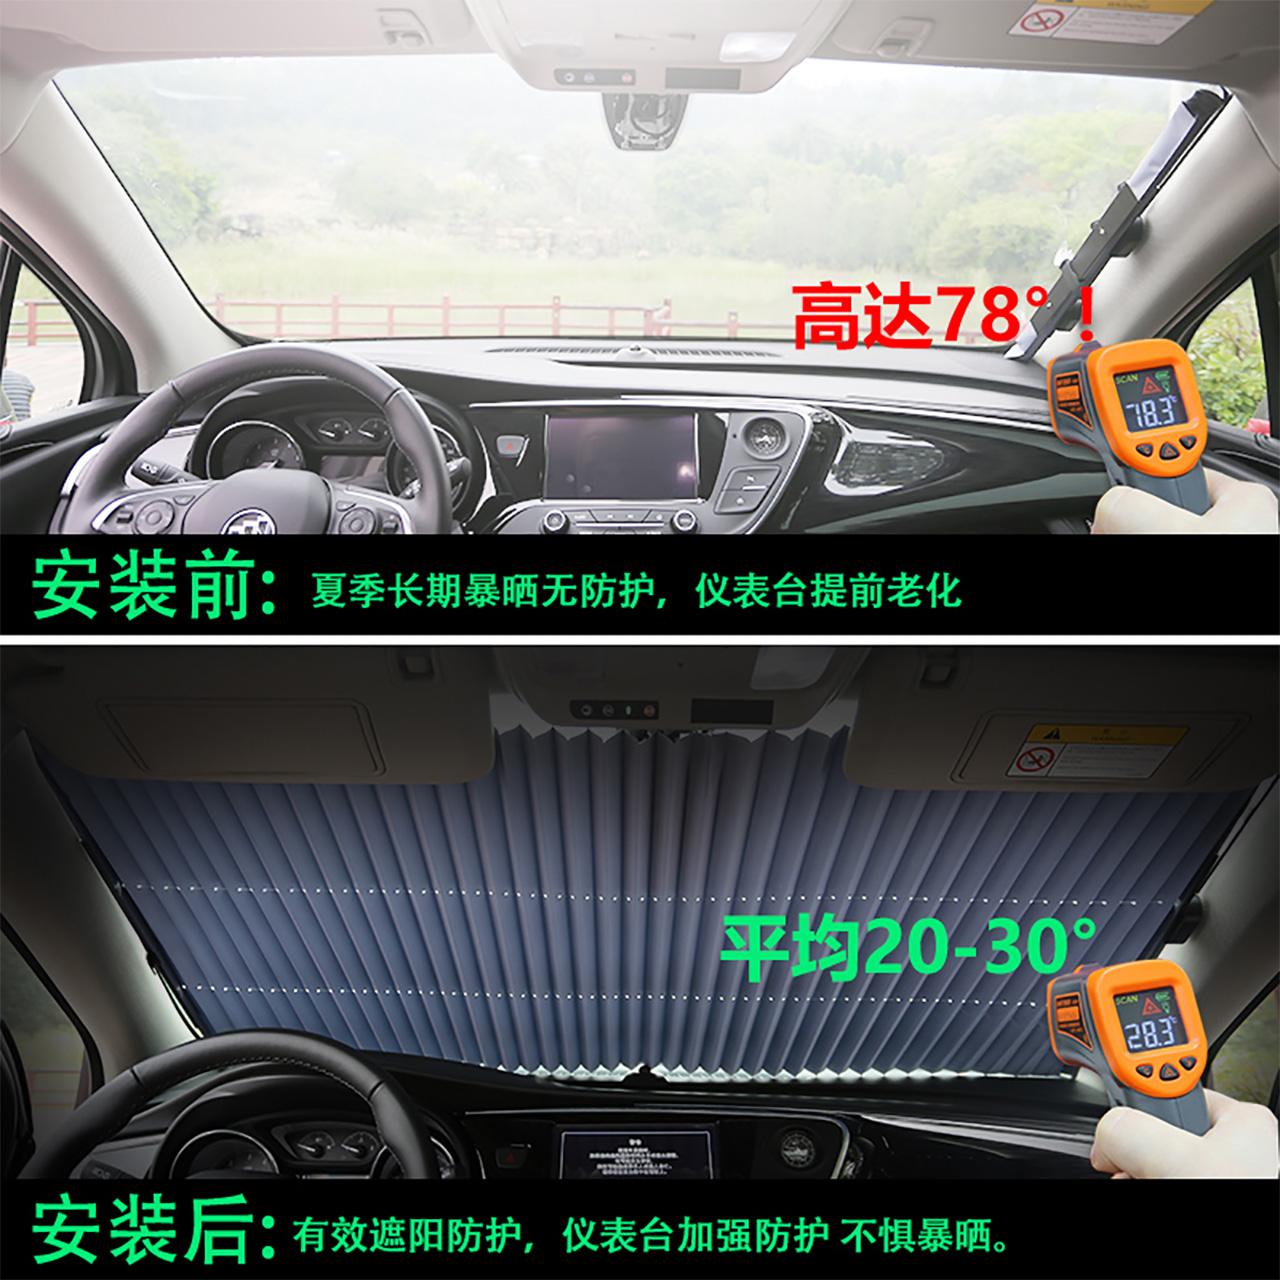 汽车遮阳帘防晒隔热遮阳挡自动伸缩遮光前档风玻璃窗帘车用遮阳板